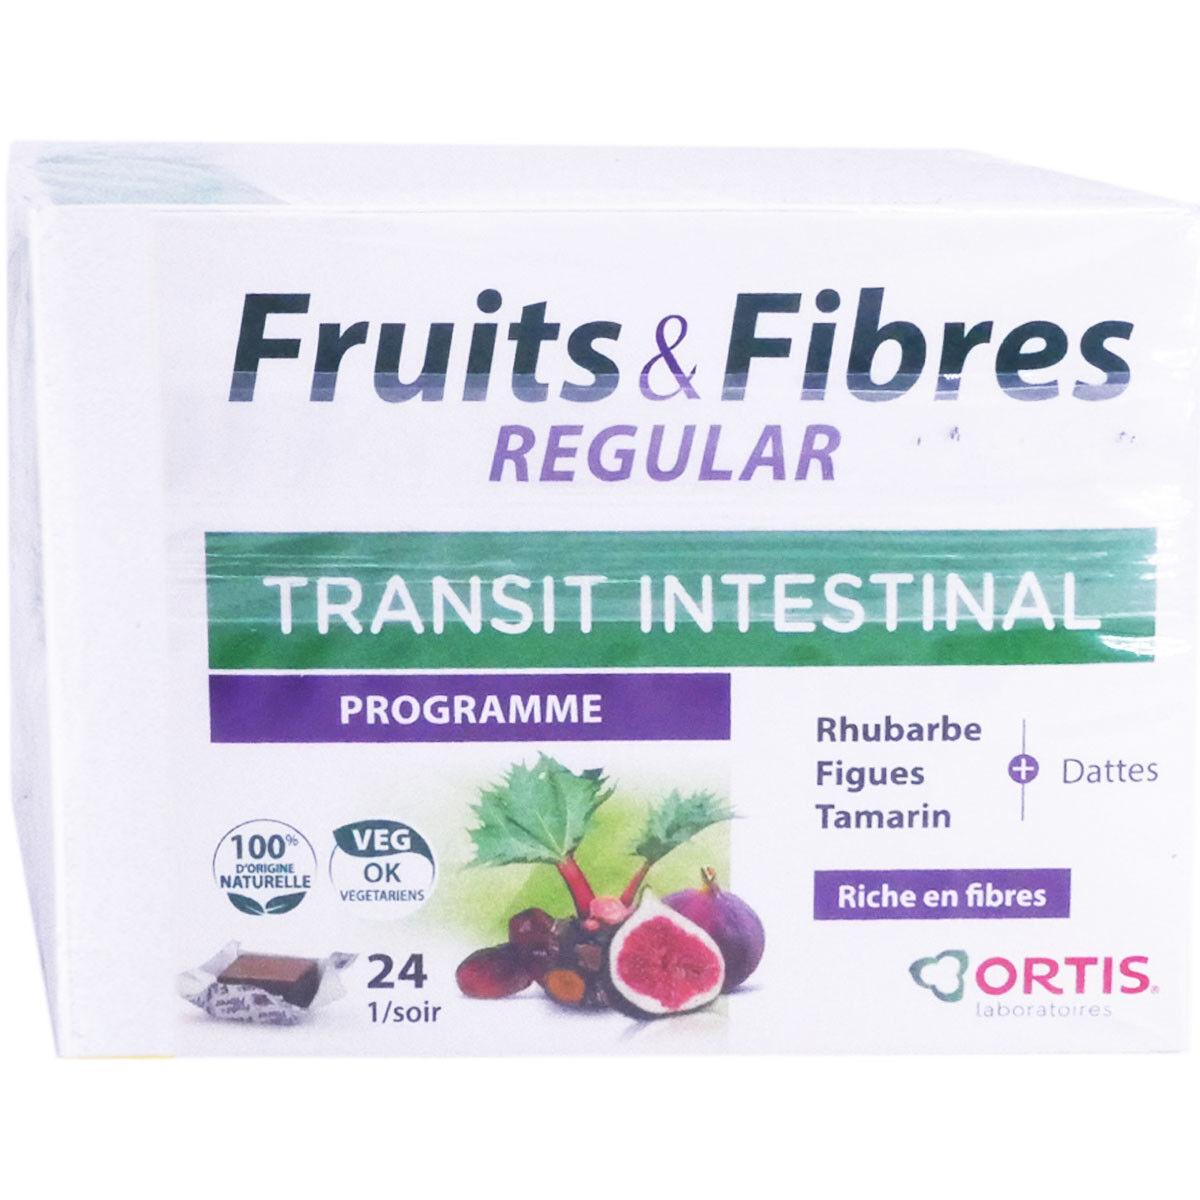 Ortis fruits & fibres regular transit intestinal 2x24 cubes